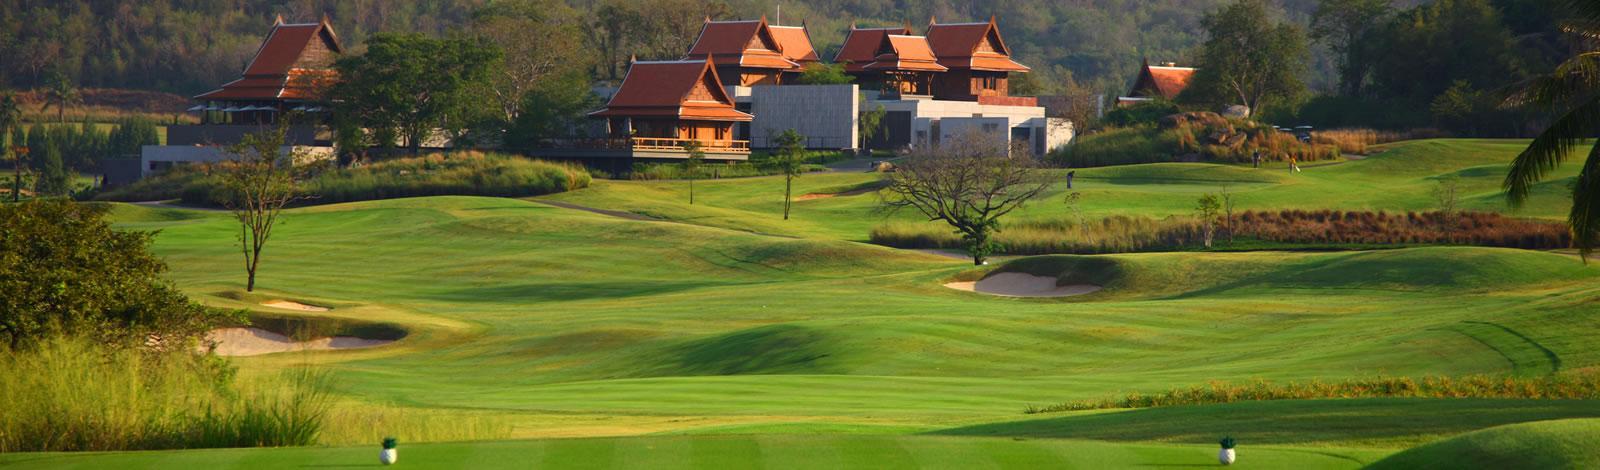 GolfAustral